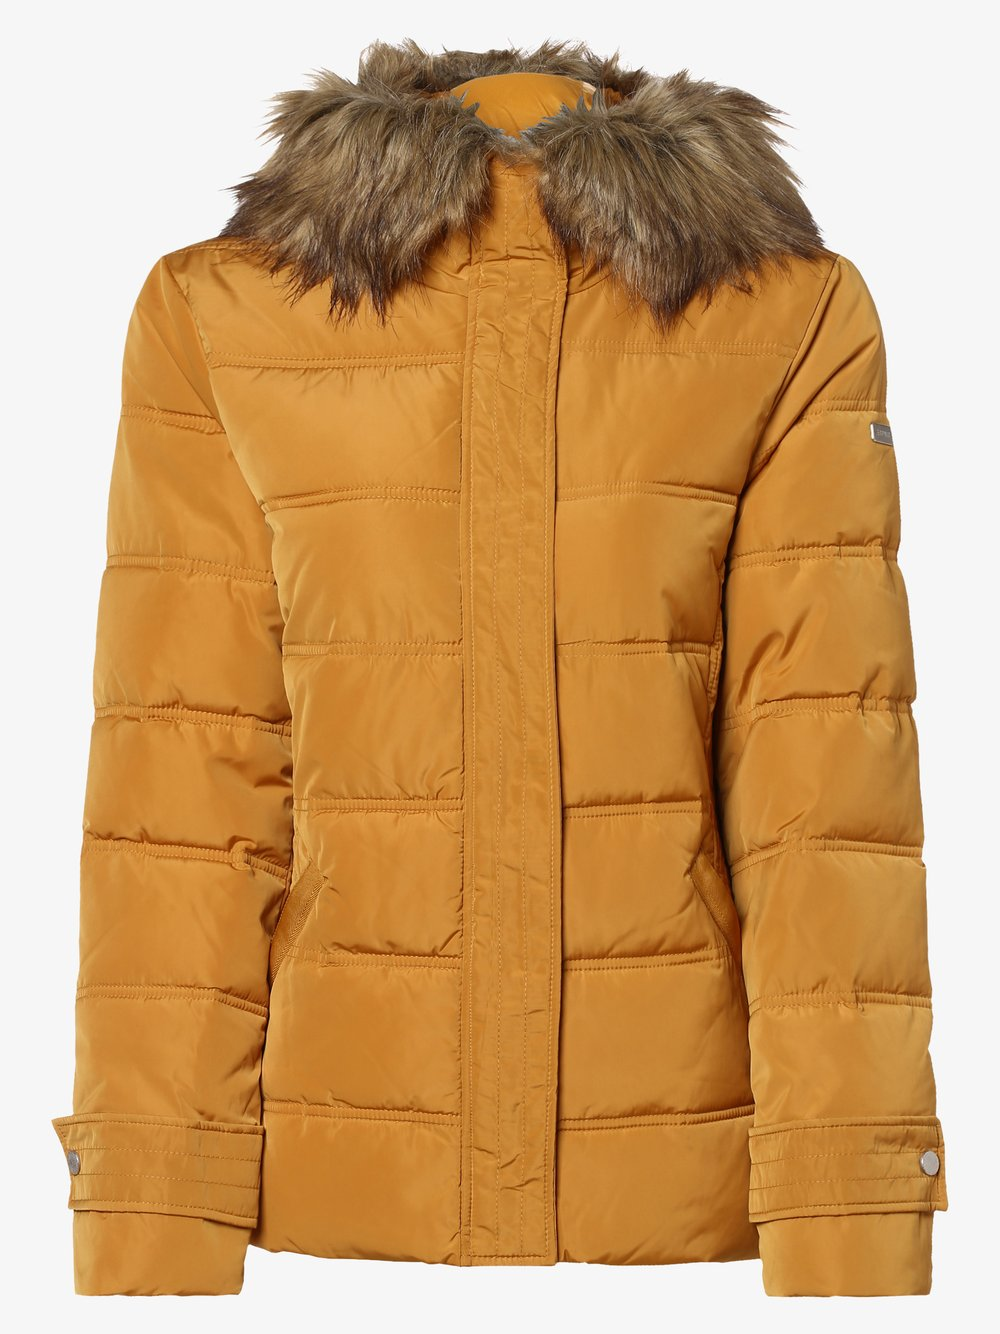 Esprit Casual - Damska kurtka pikowana, żółty